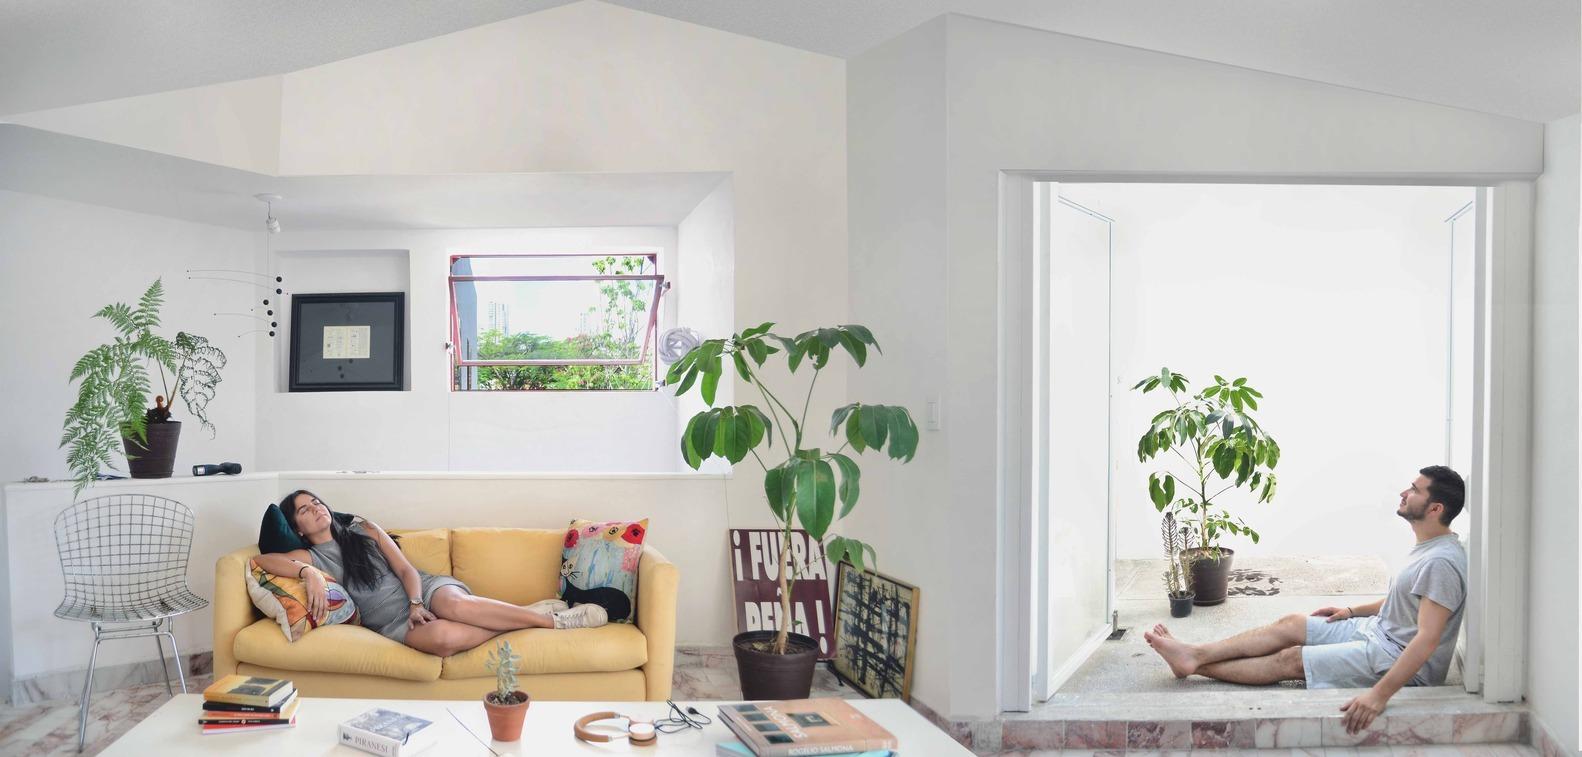 ¿Qué es el diseño de interiores (y por qué puede hacerte sentir mejor)?,Guadalquivir House / dérive LAB. Image © Tres a Uno Estudio